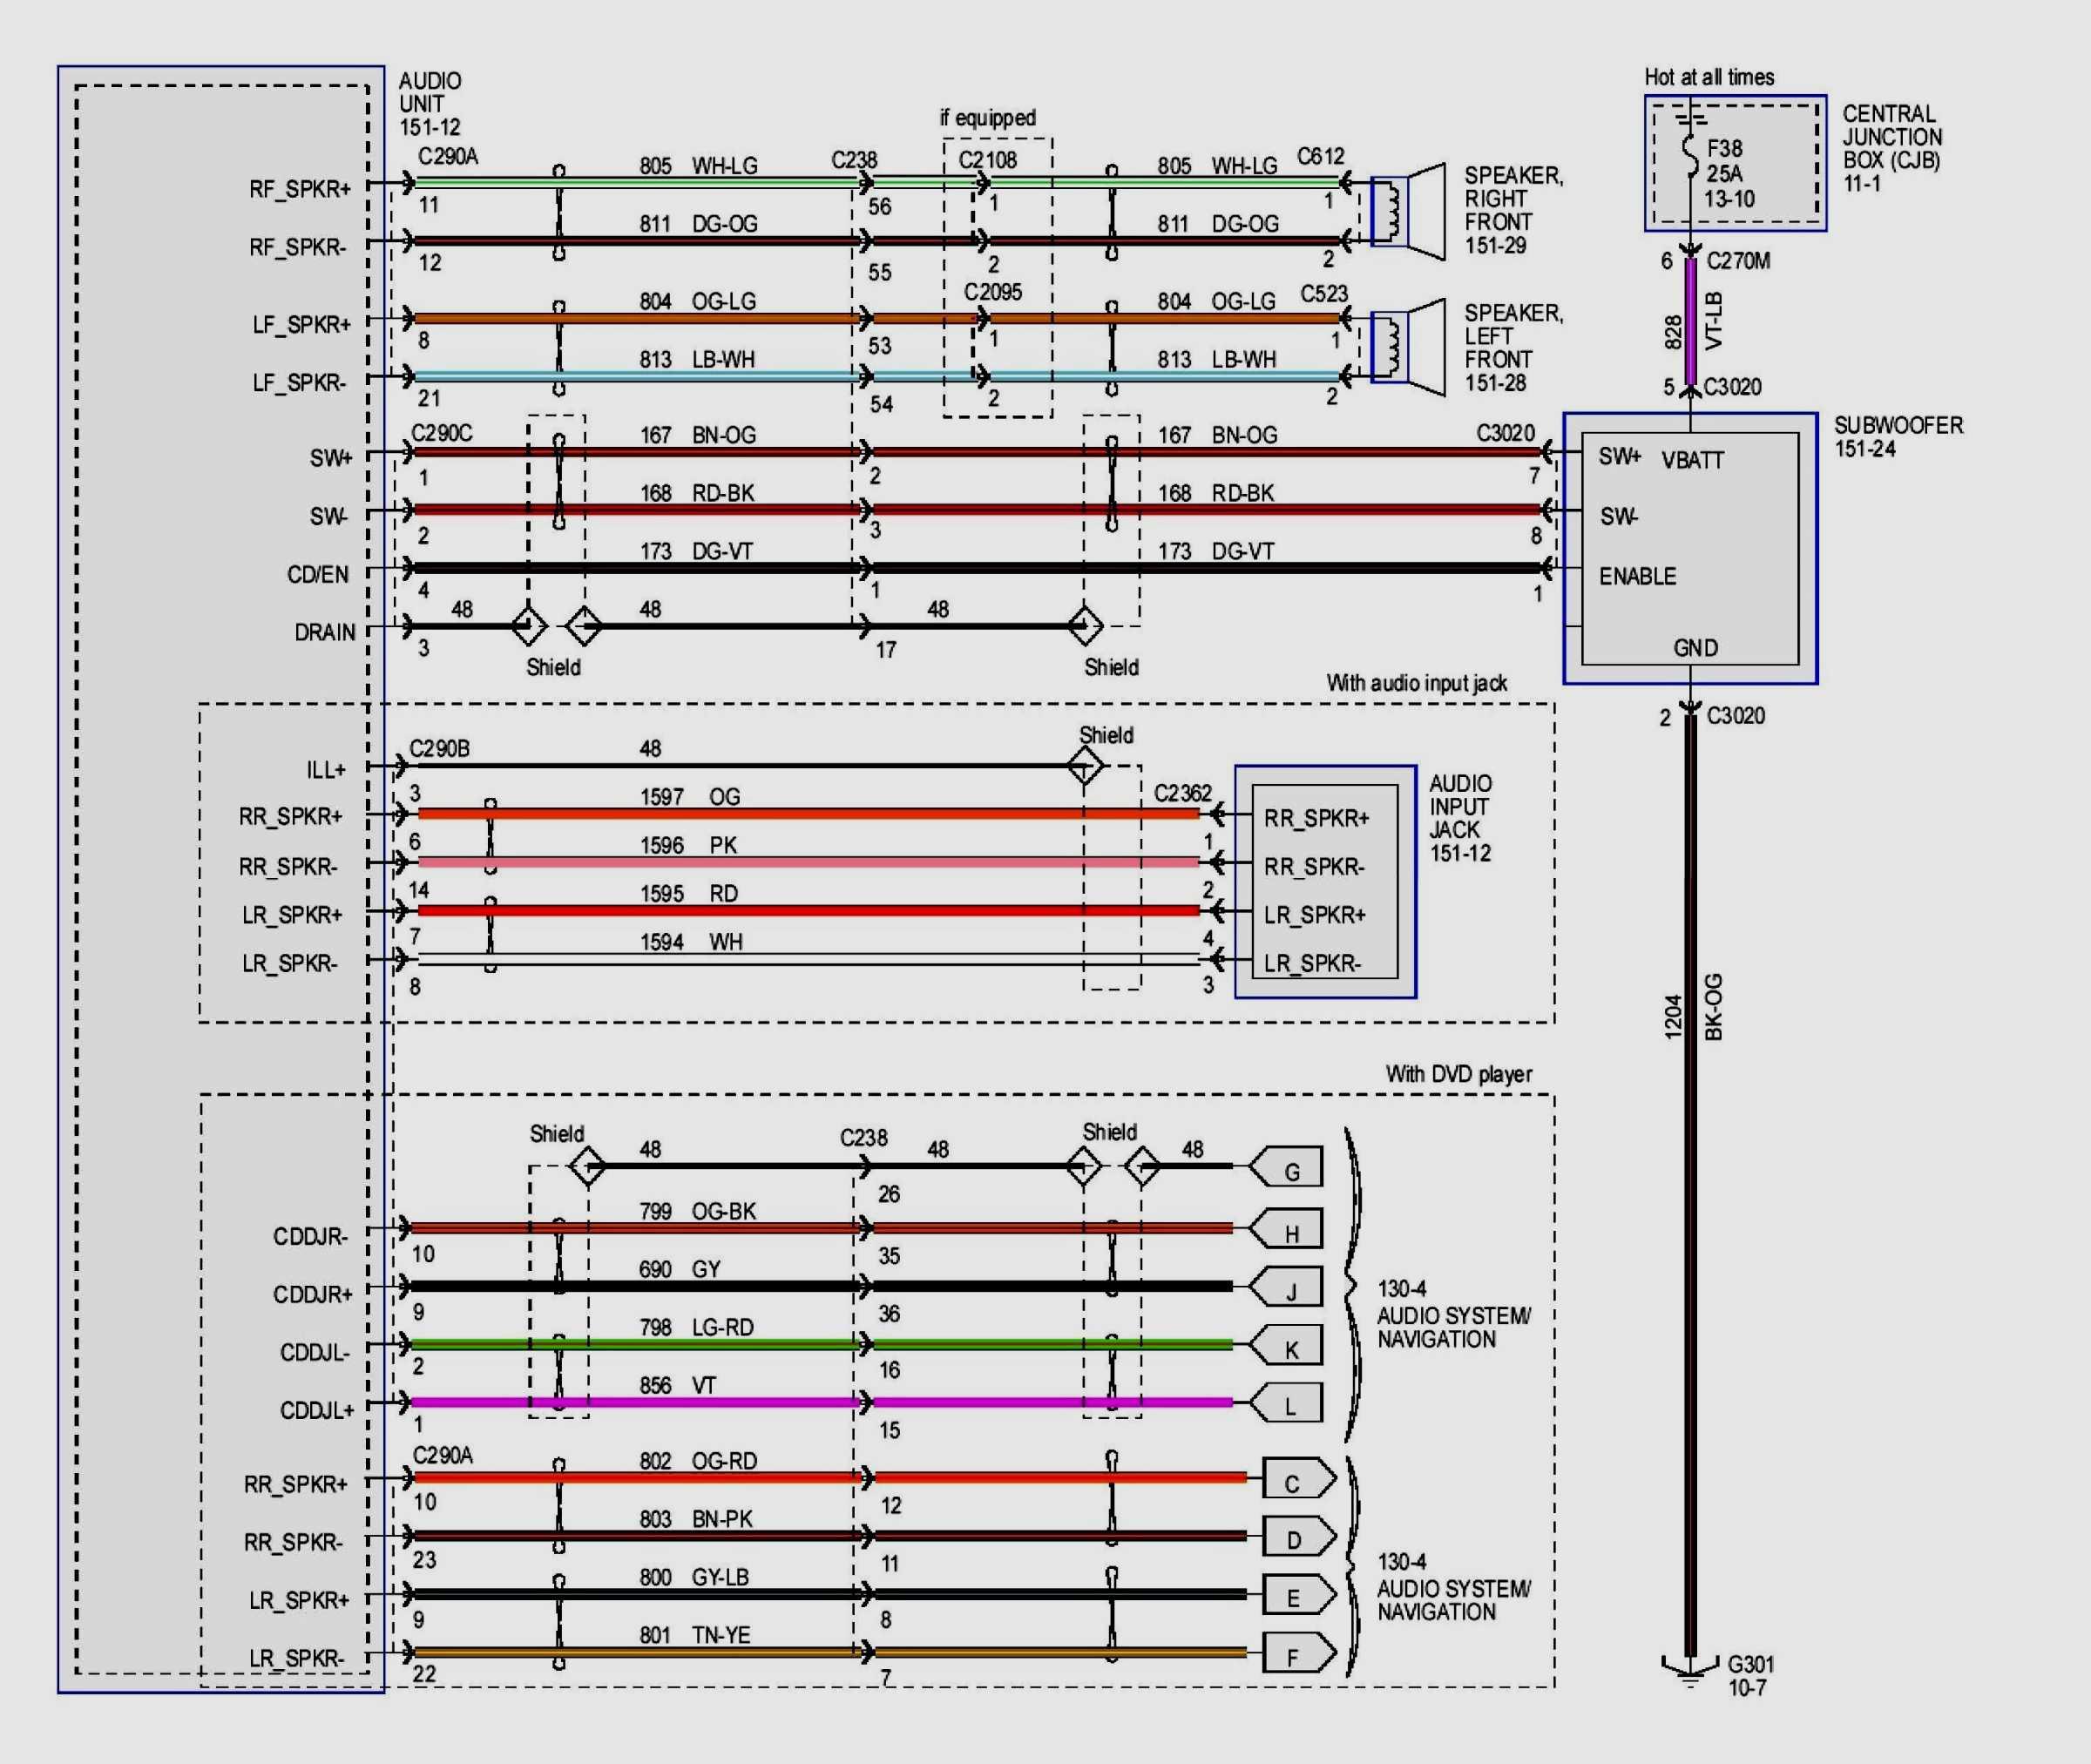 Bose Acoustimass 10 Wiring Diagram - Wiring Diagrams - Bose Amp Wiring Diagram